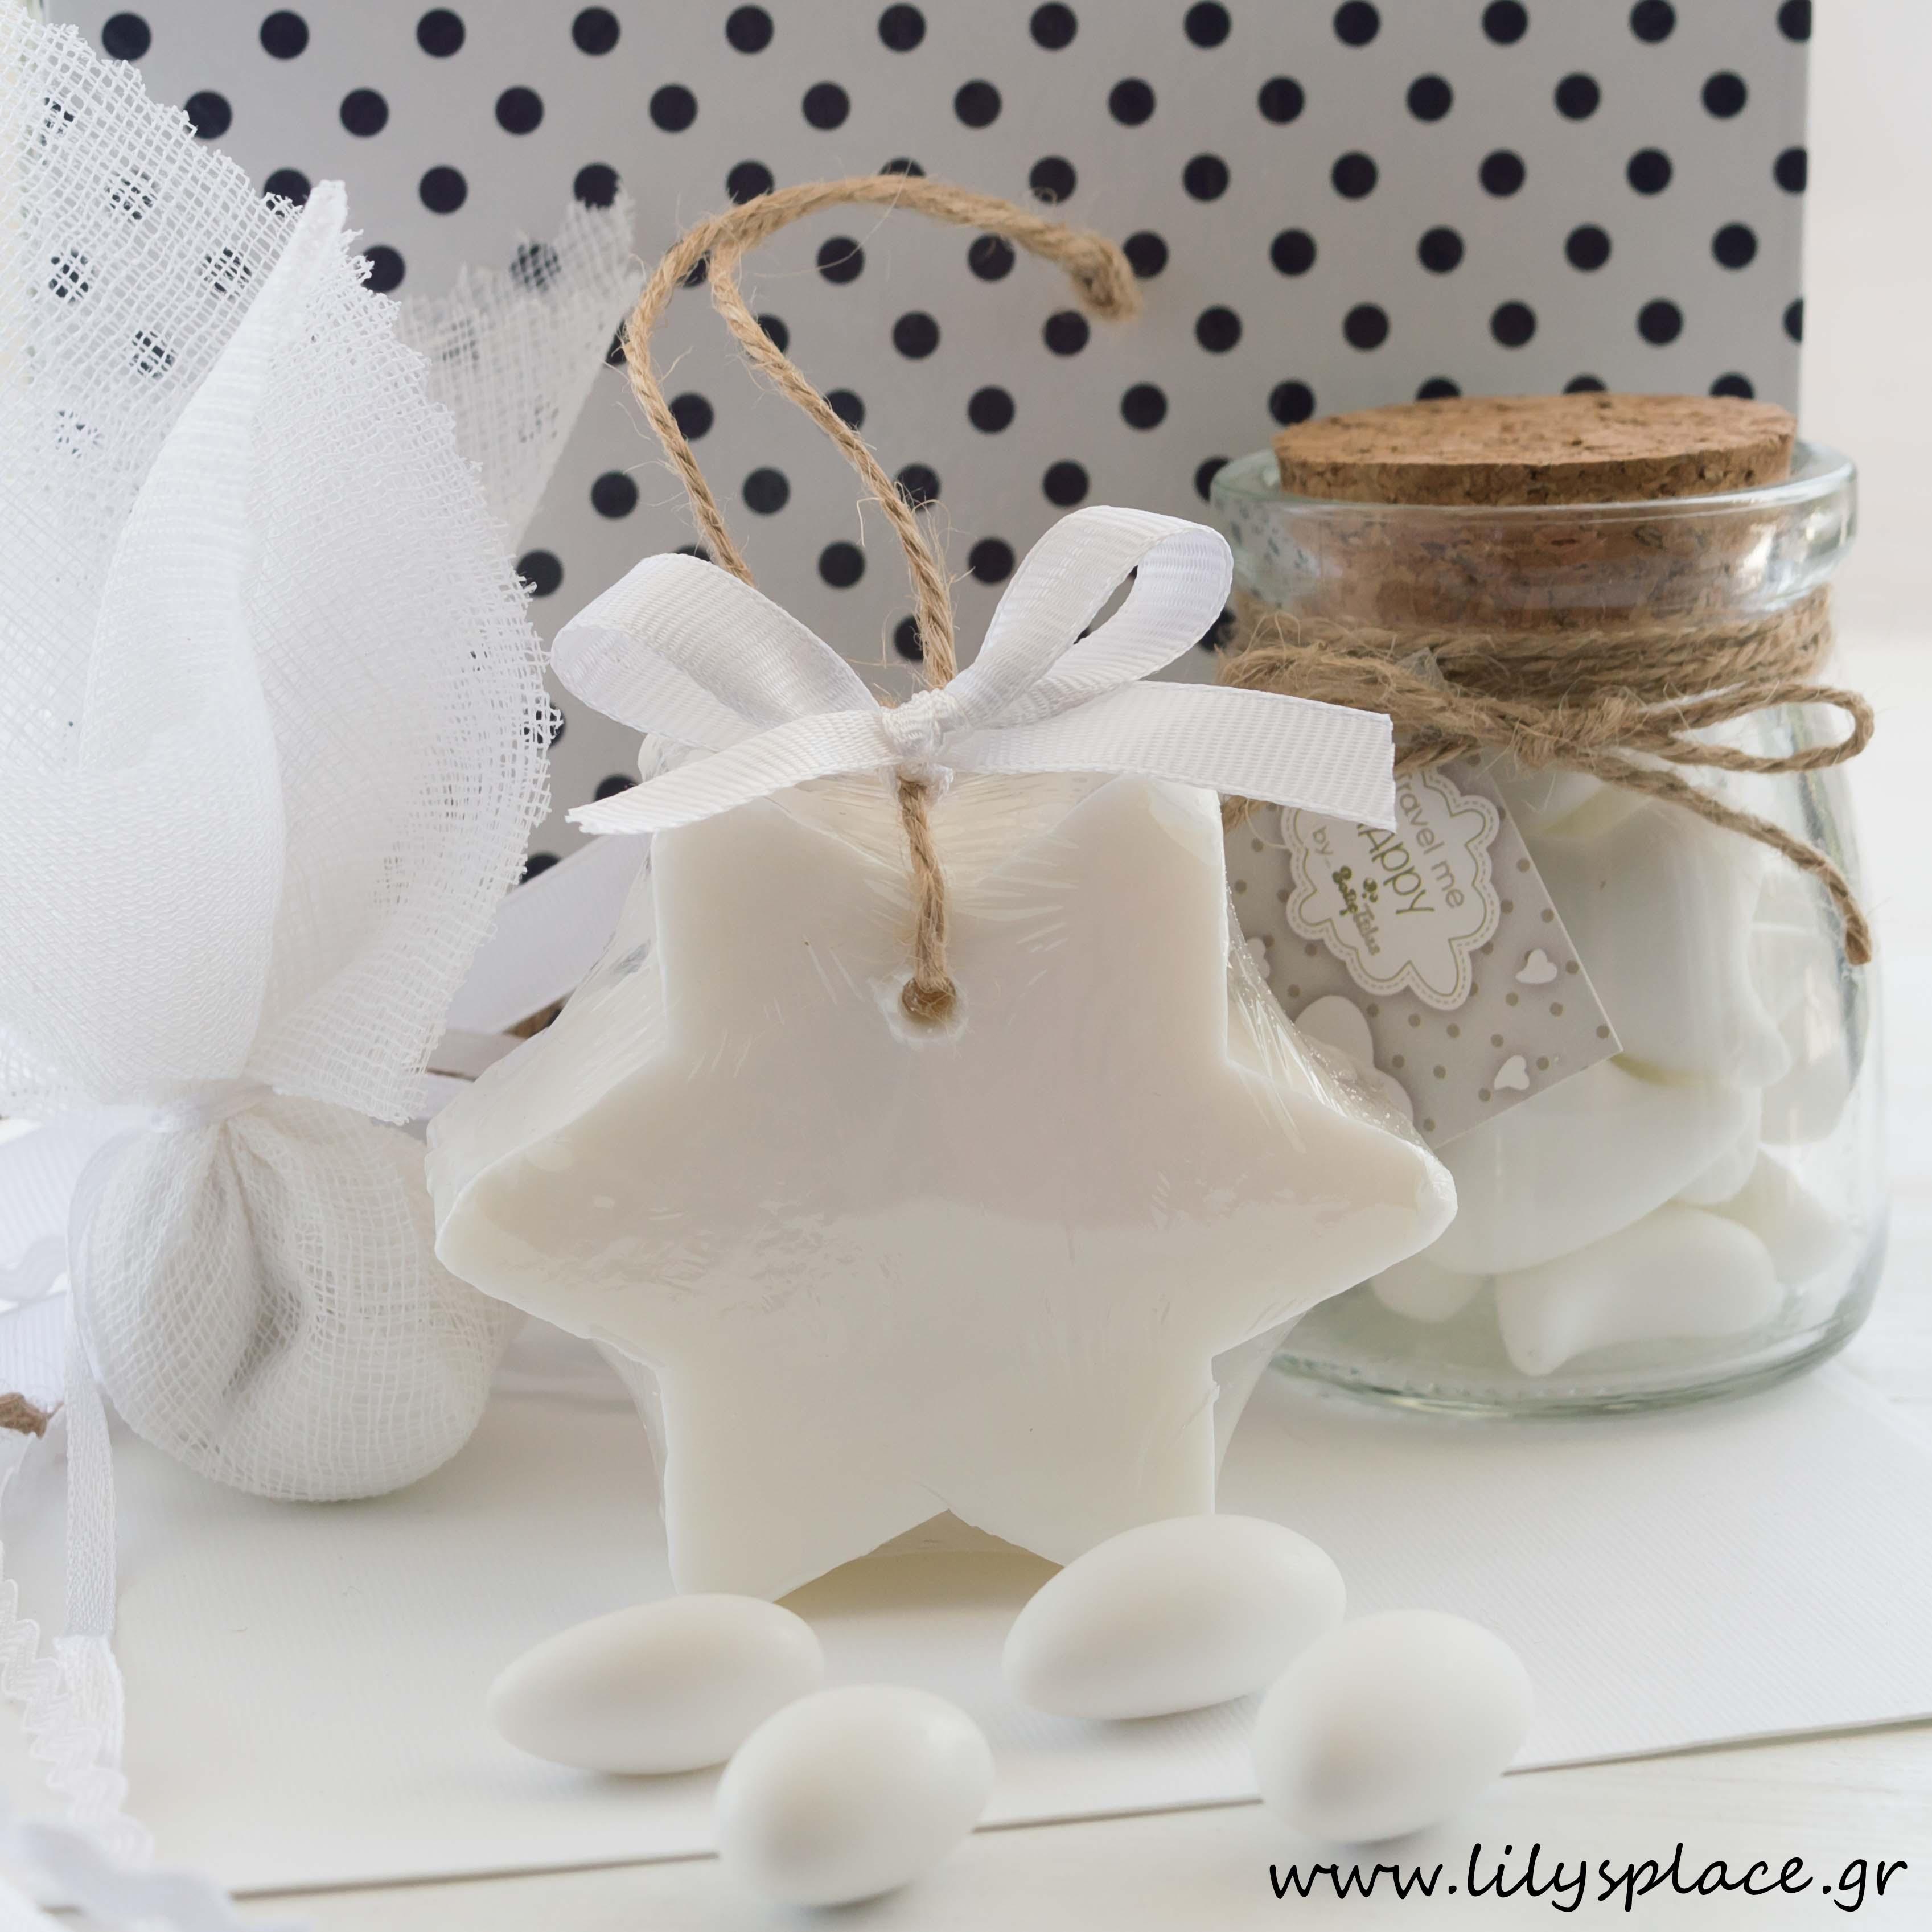 Μπομπονιέρα βάπτισης σαπουνάκι αστέρι λευκό